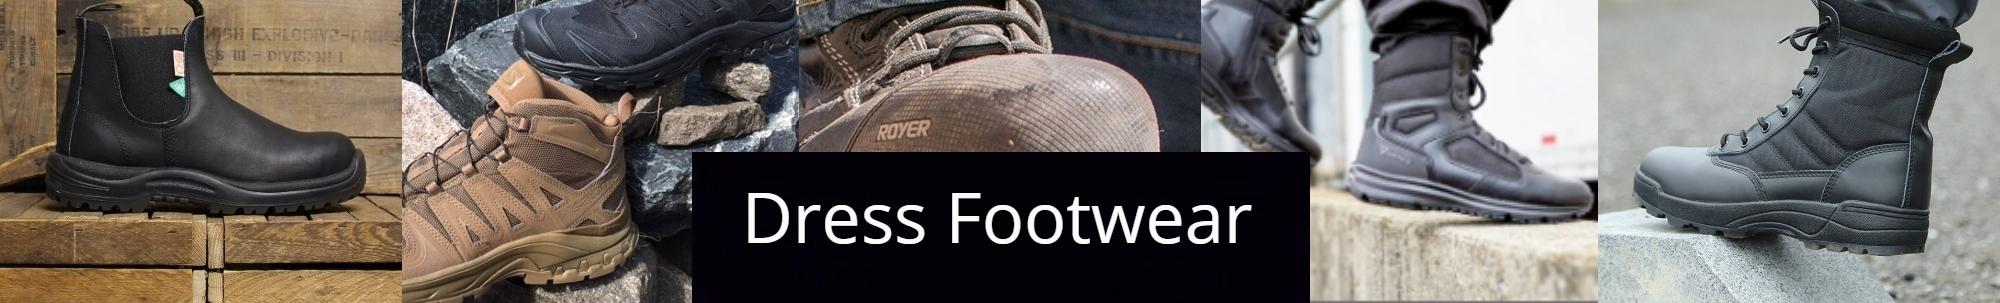 boots-maledressFOOTWEAR.jpg